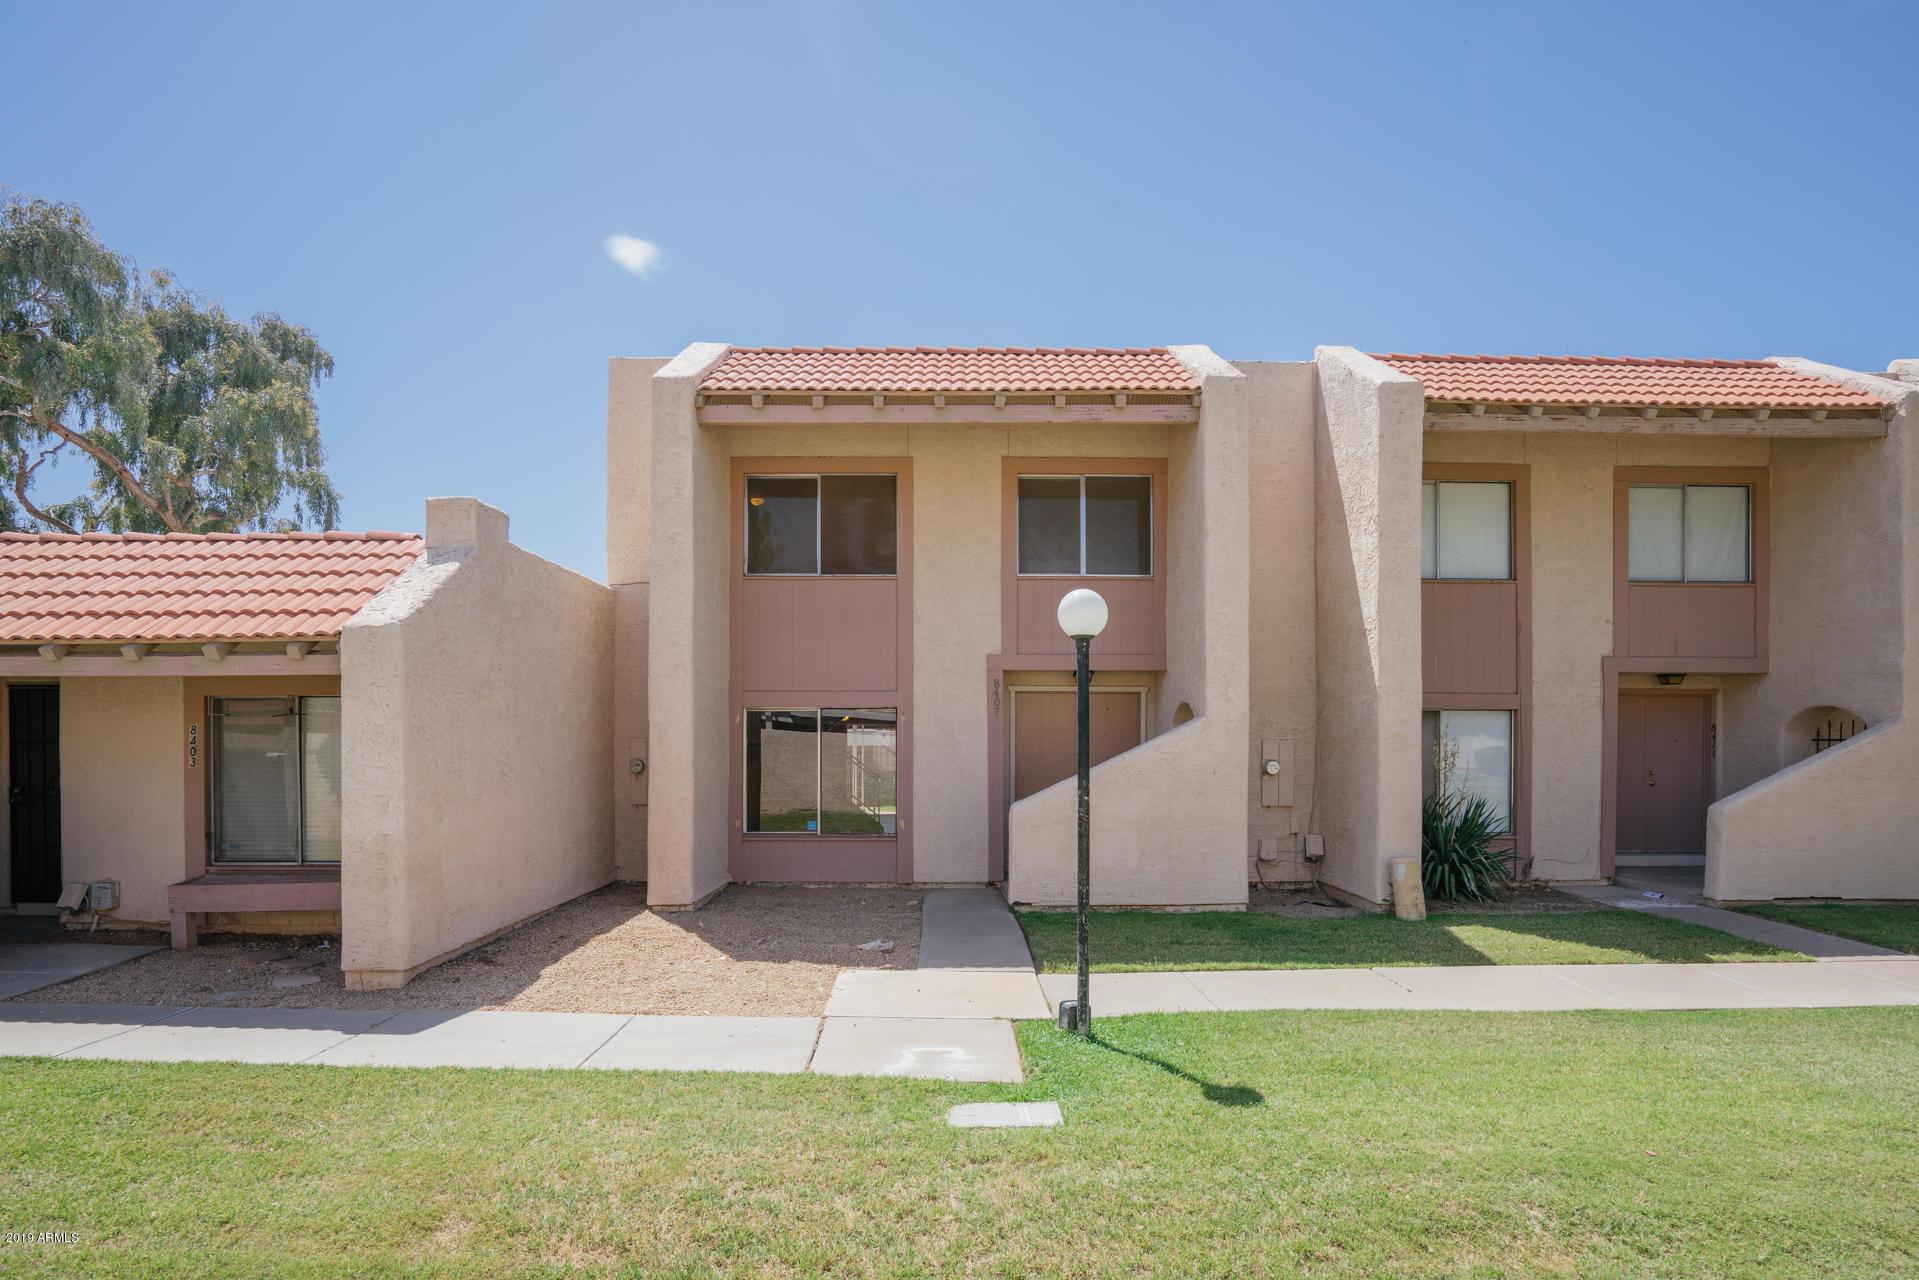 Photo of 8407 N 54TH Lane, Glendale, AZ 85302